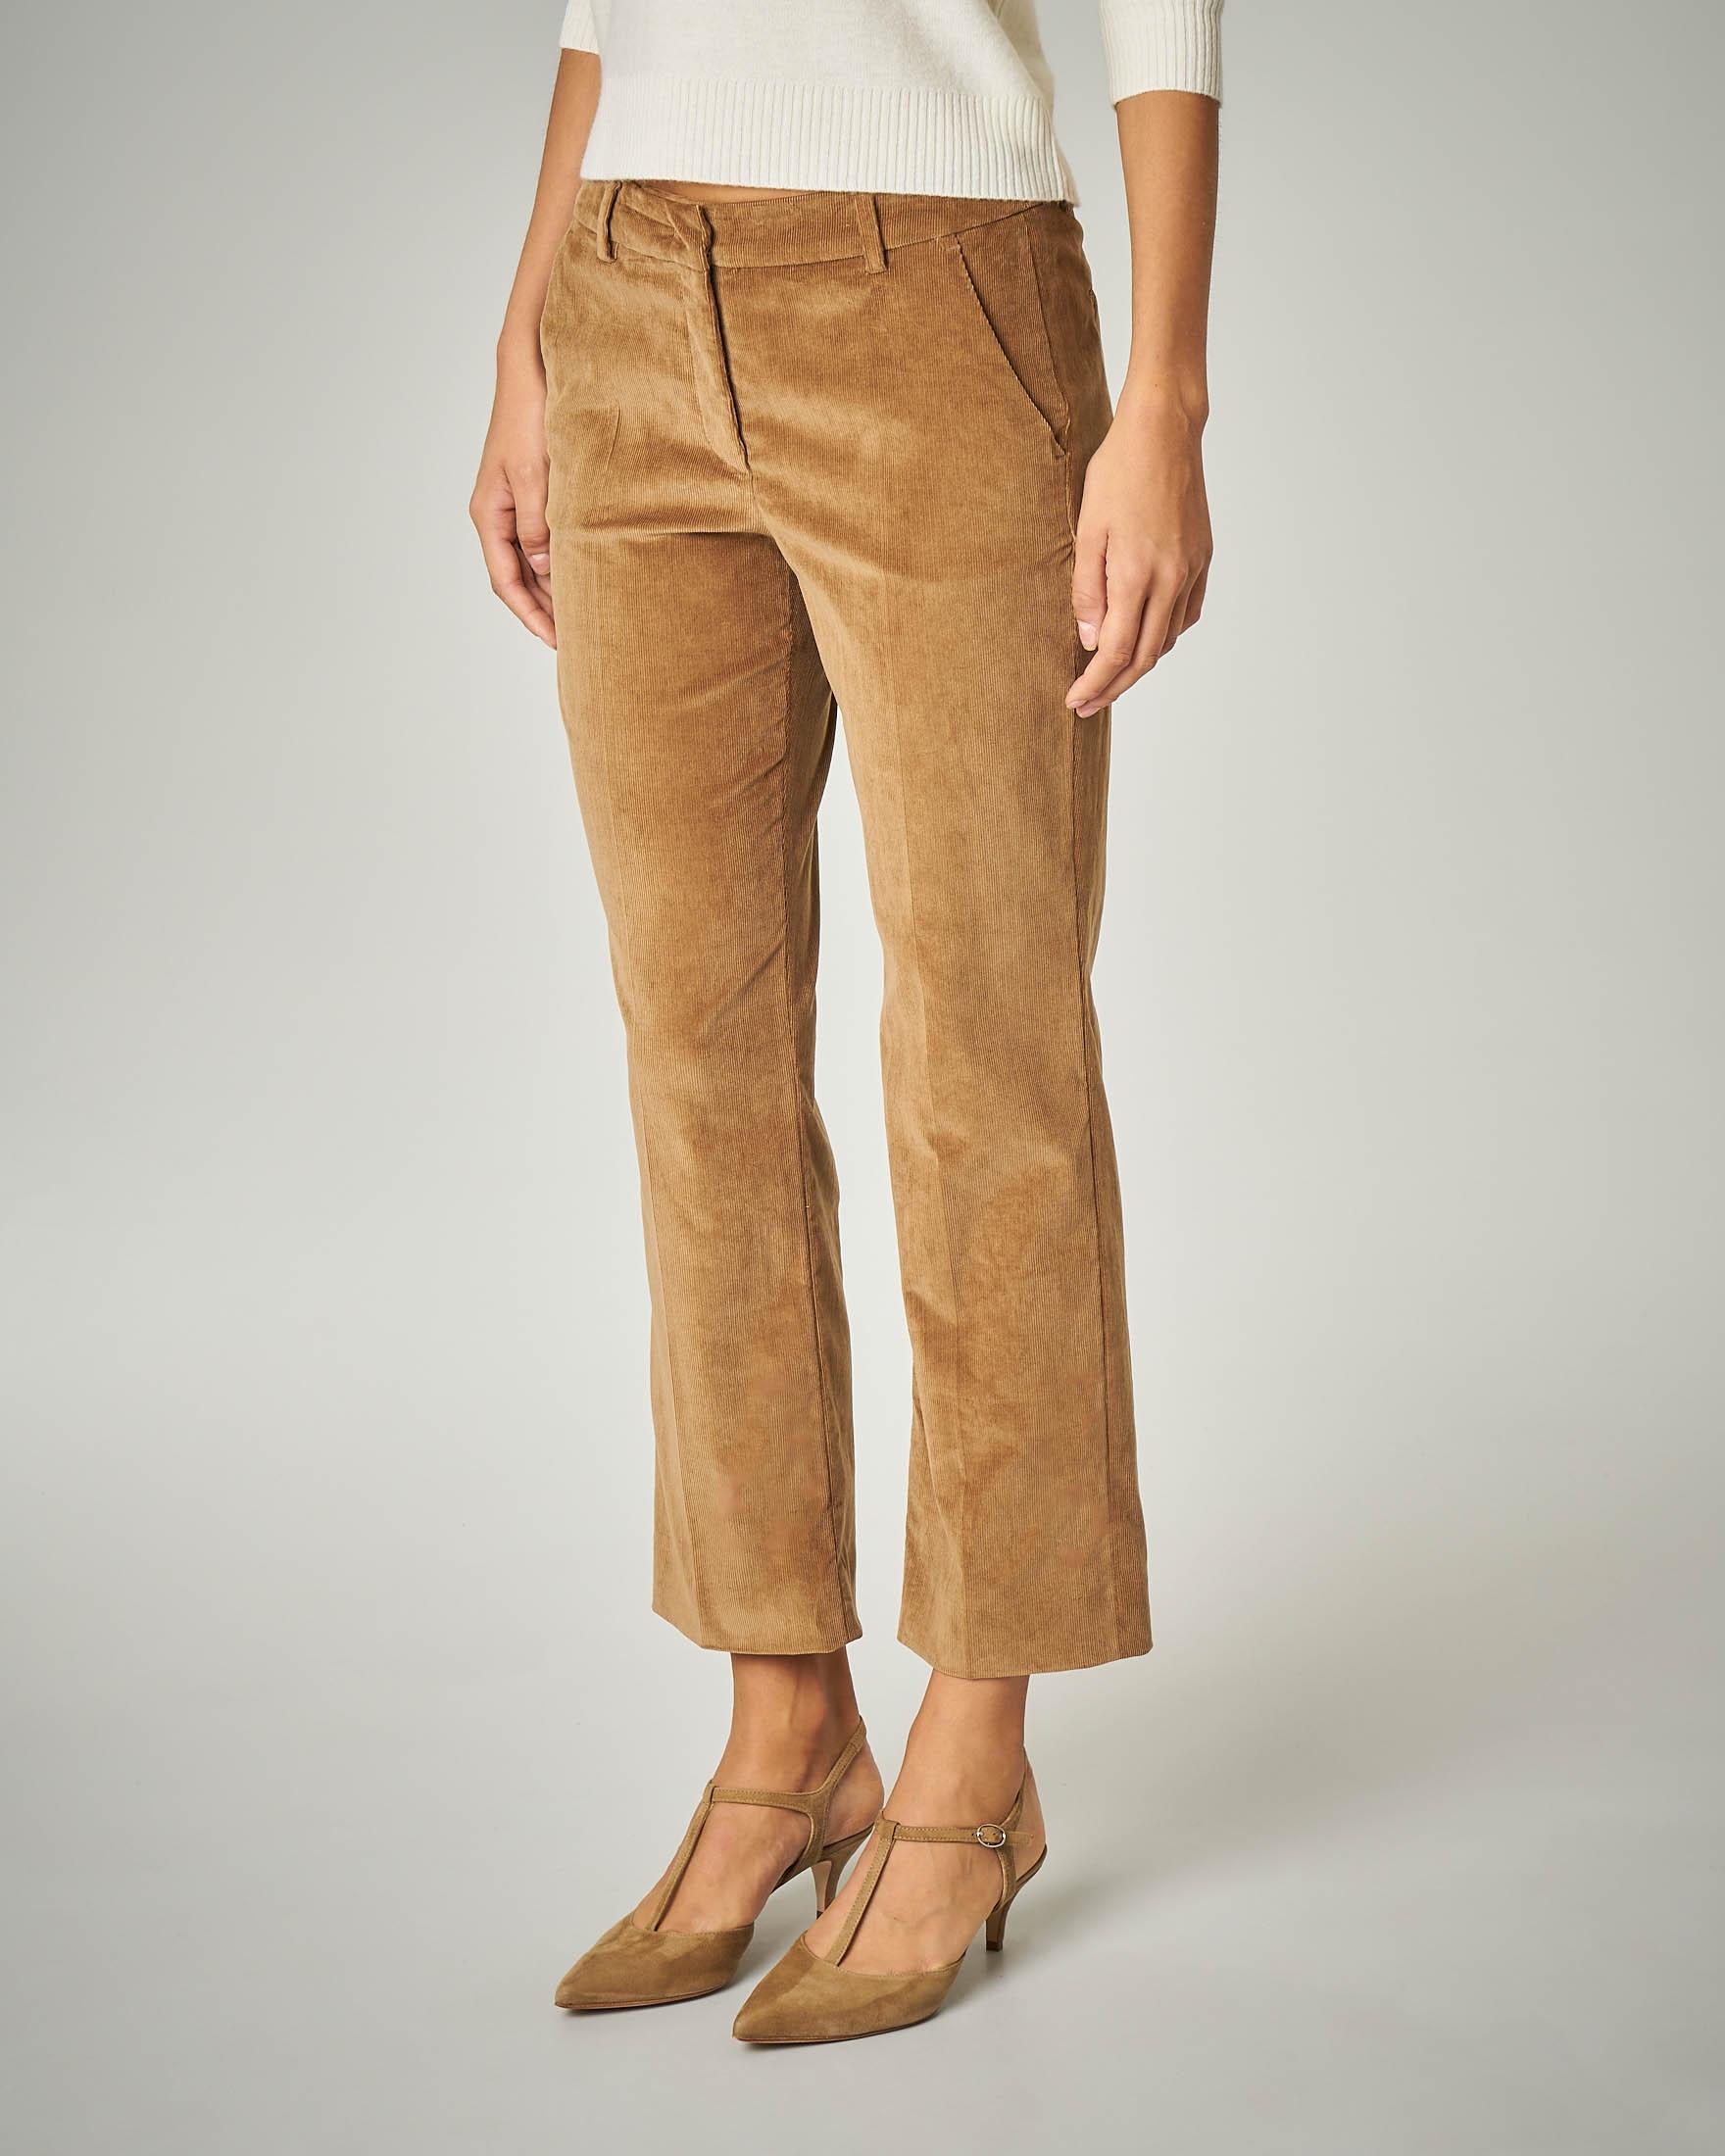 Pantalone in velluto colore cammello